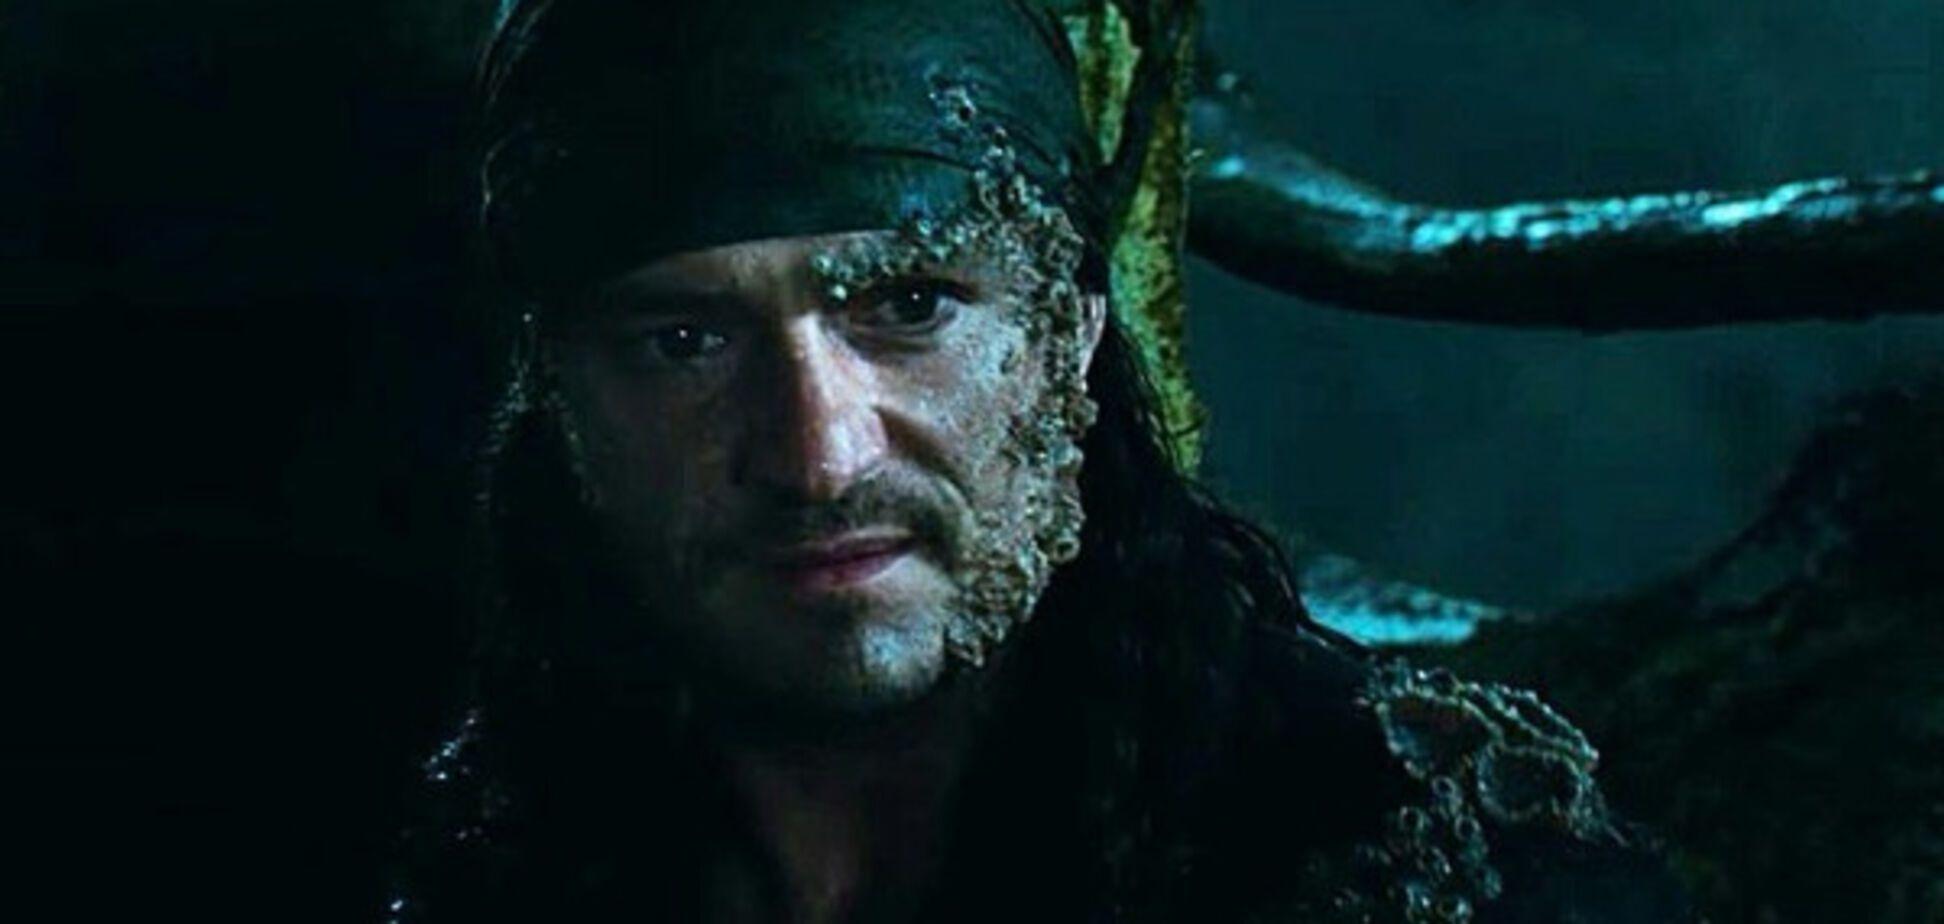 'Пираты Карибского моря 5': три главные интриги фильма